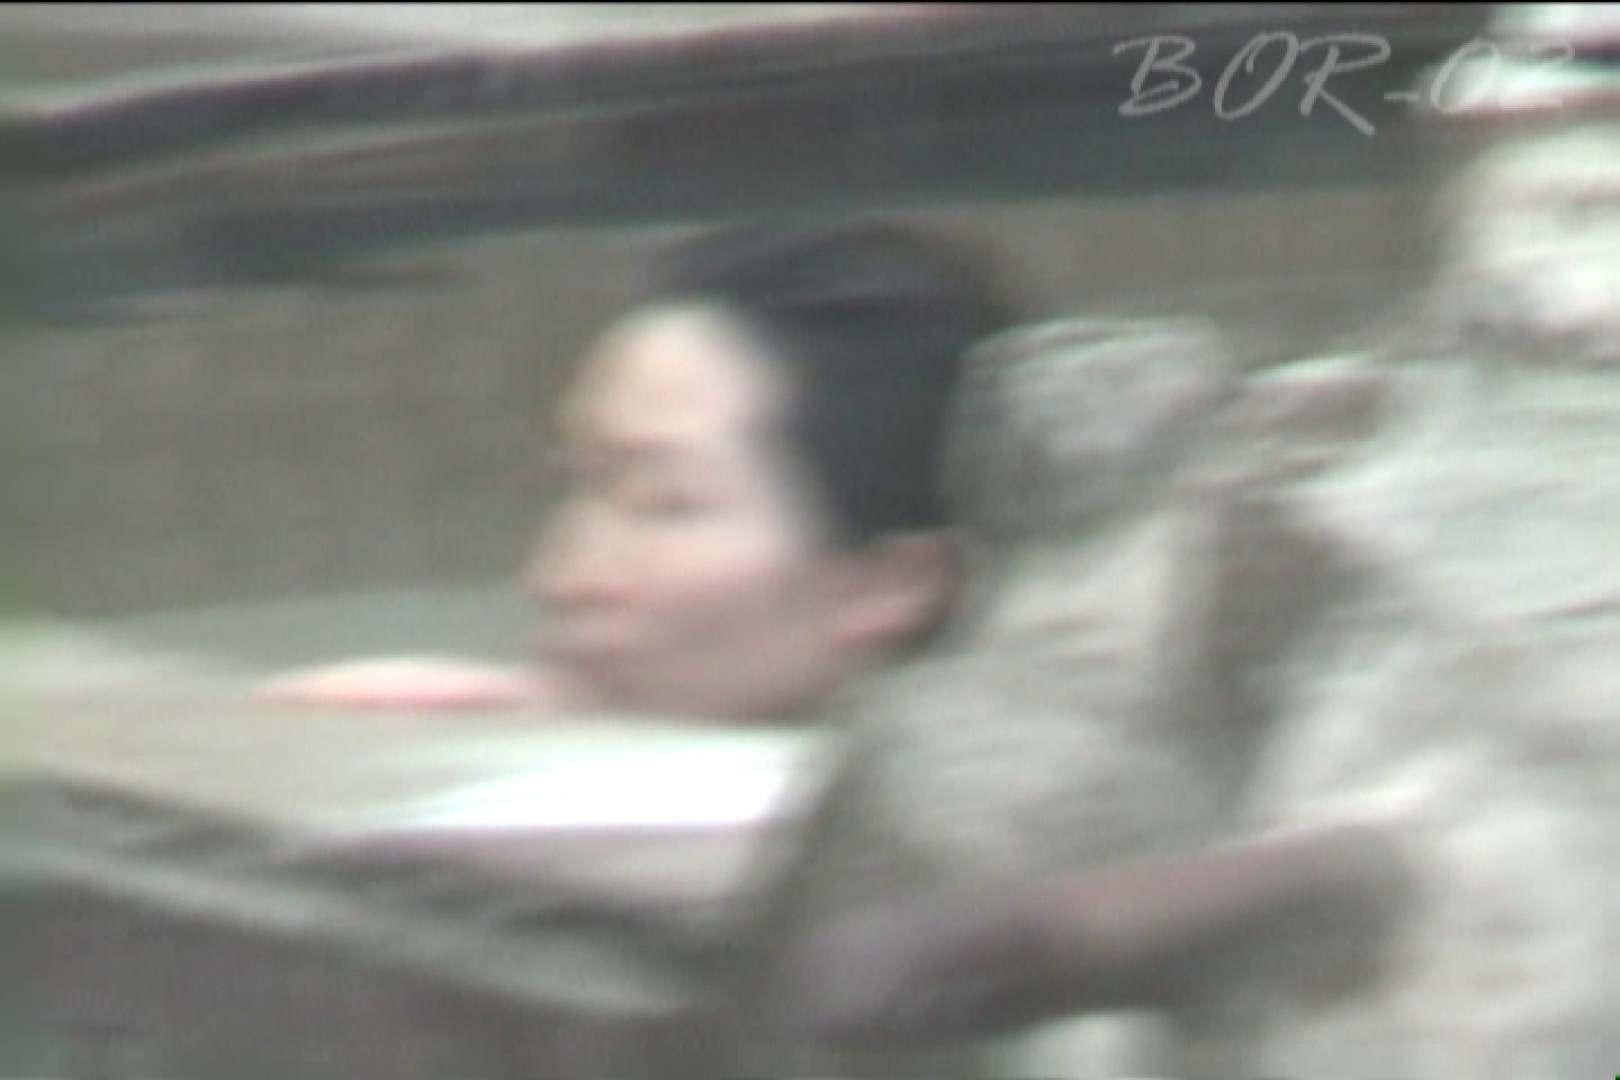 Aquaな露天風呂Vol.472 美しいOLの裸体 ヌード画像 83pic 29